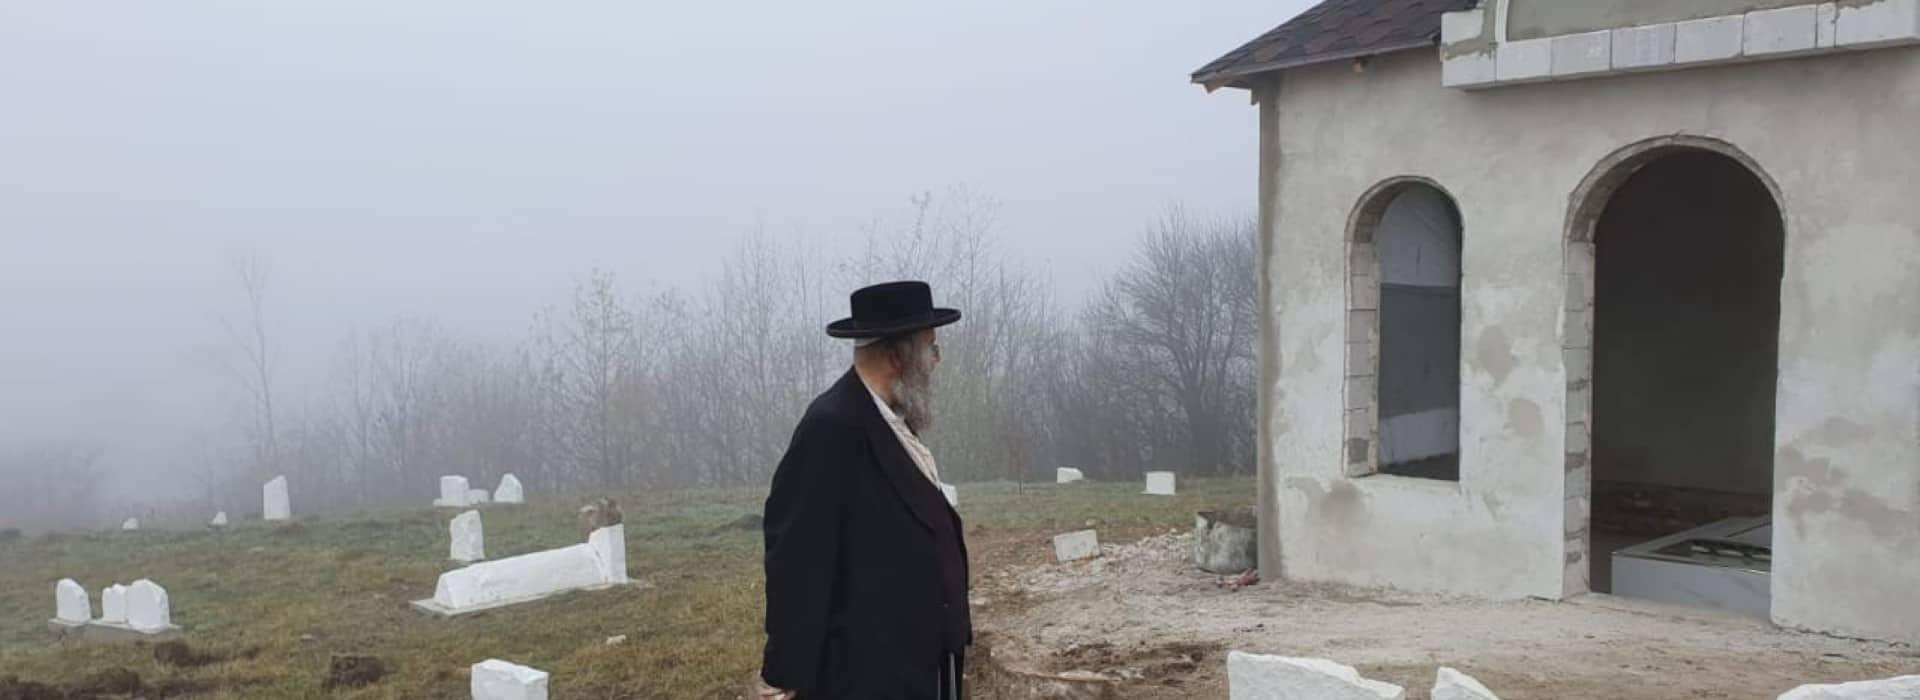 הרב-גבאי-עוקב-אחר-העבודות-בשטח-סליידר-ראשי